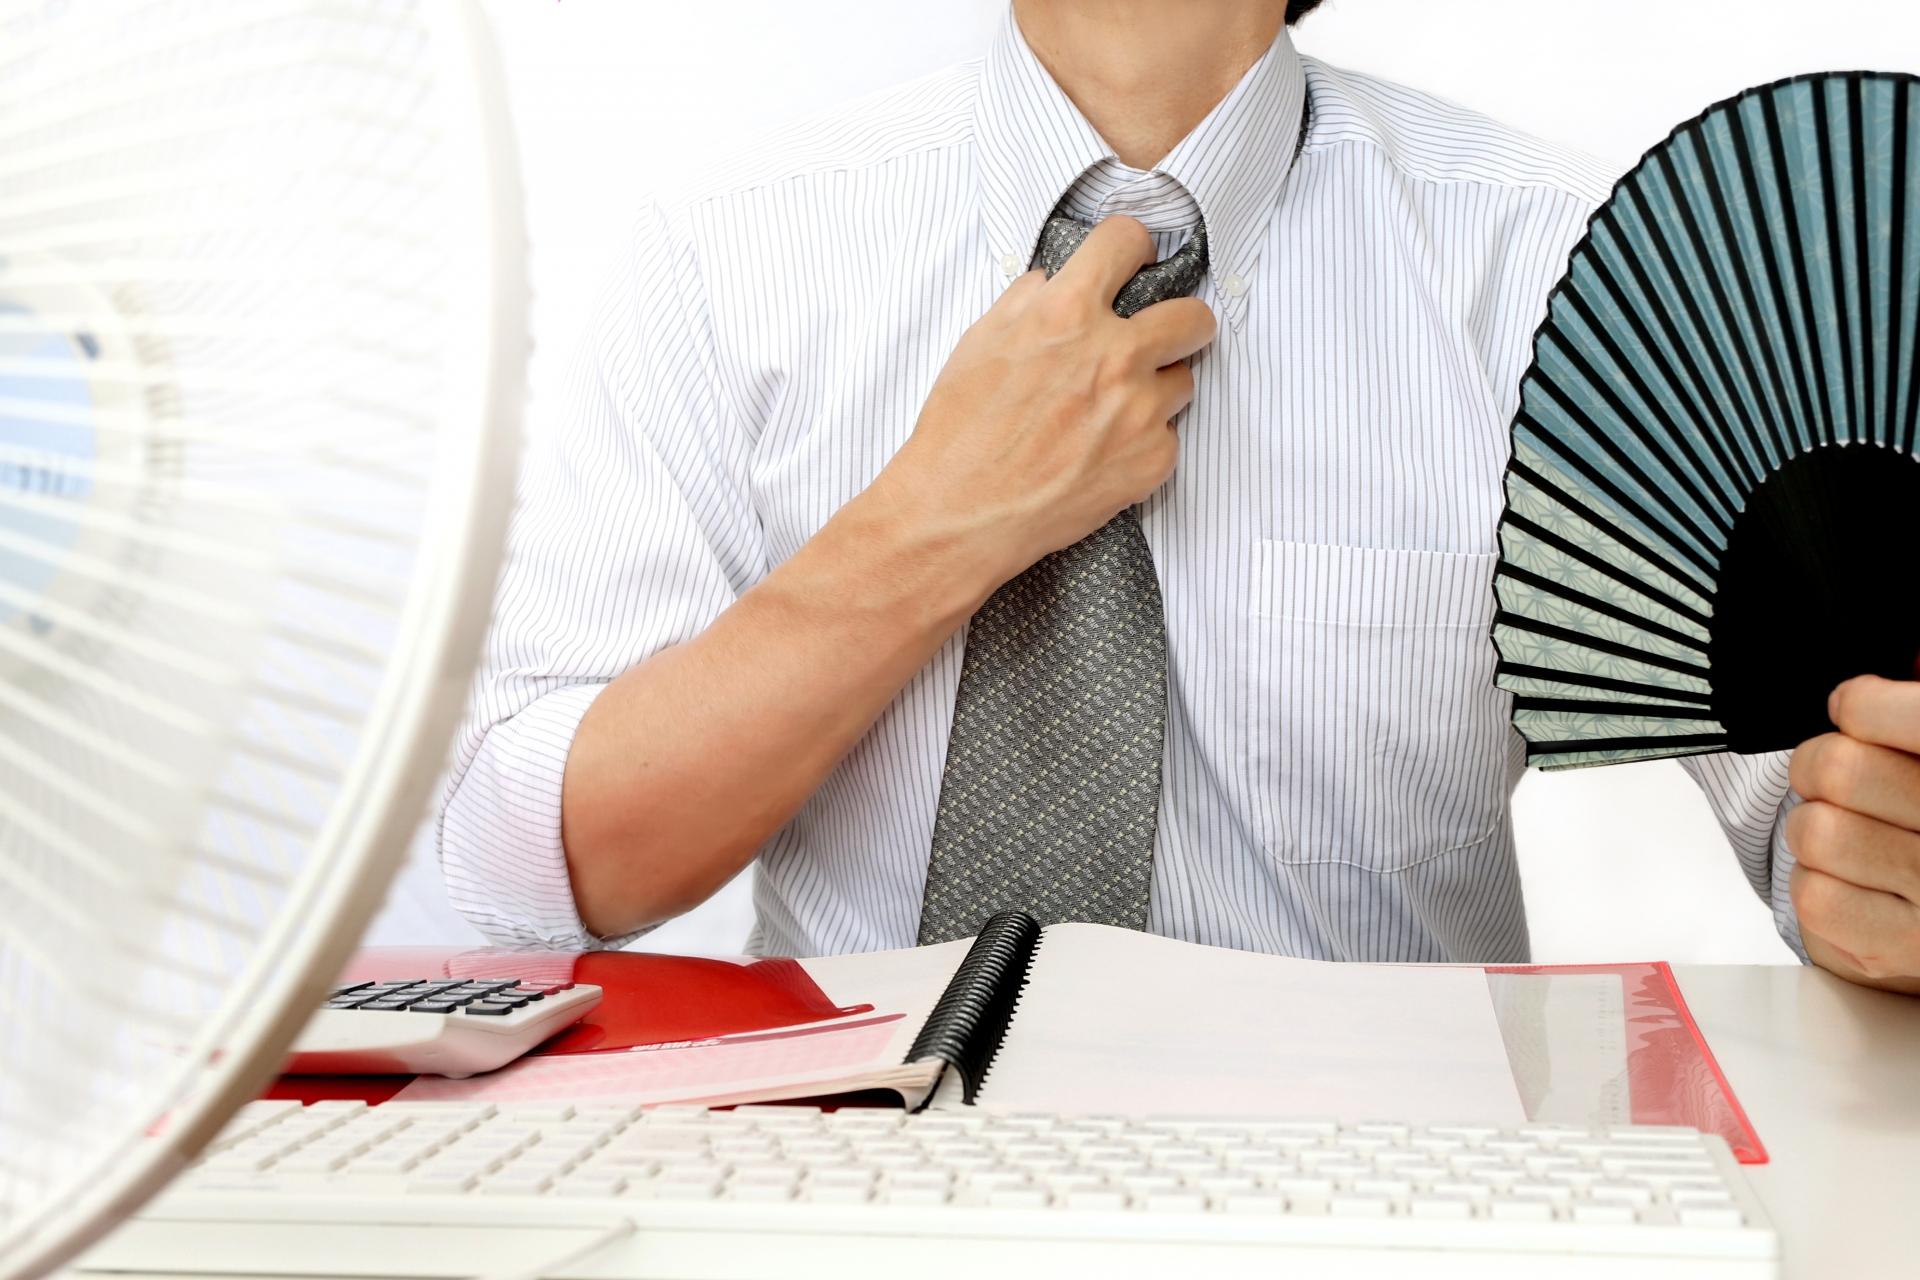 オフィスの暑さ対策おすすめグッズ10選!ミニ扇風機以外も